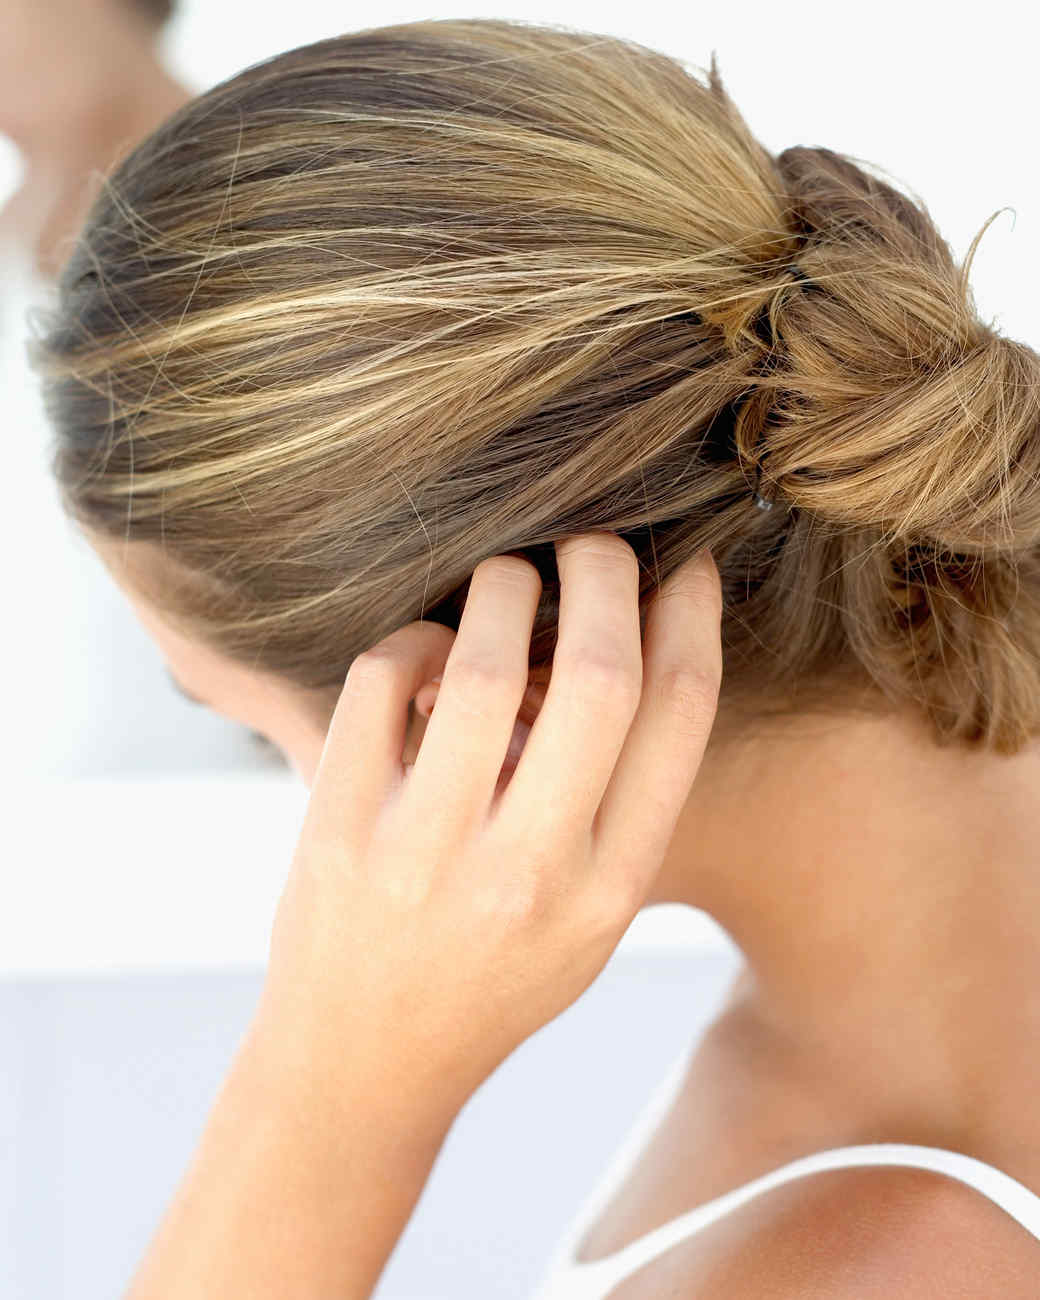 bc-hair-thick-6-56567801.jpg